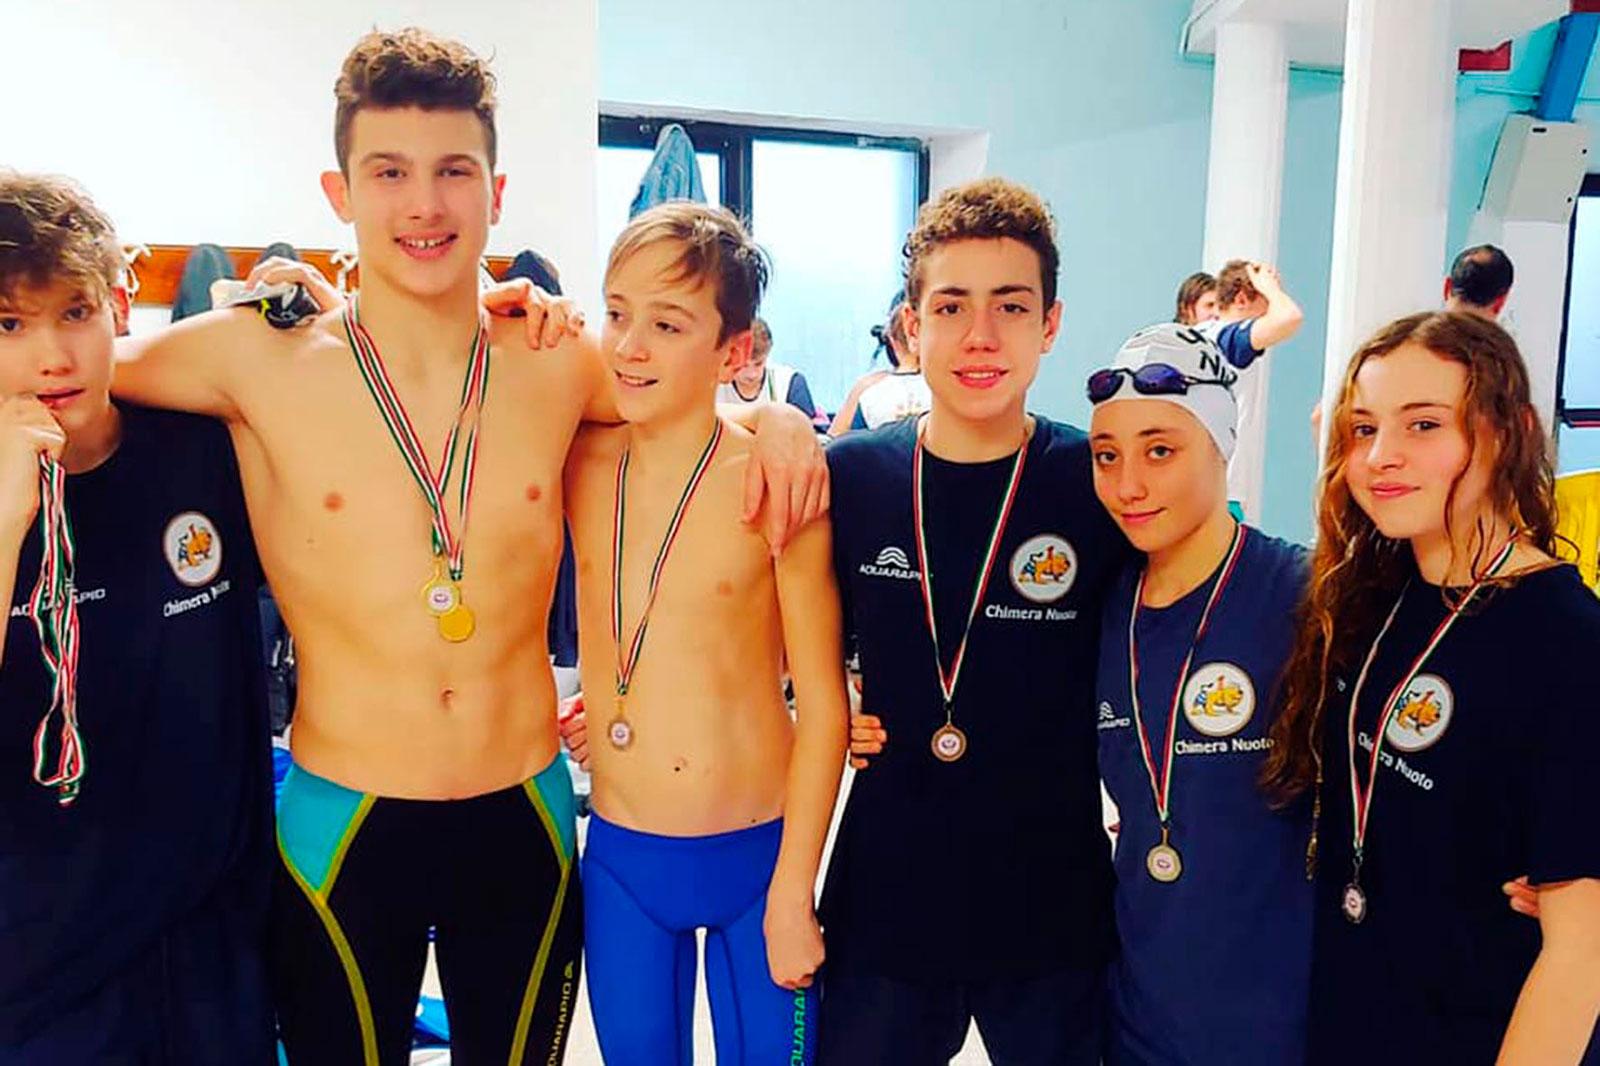 Chimera Nuoto - Trofeo Città di Pontedera